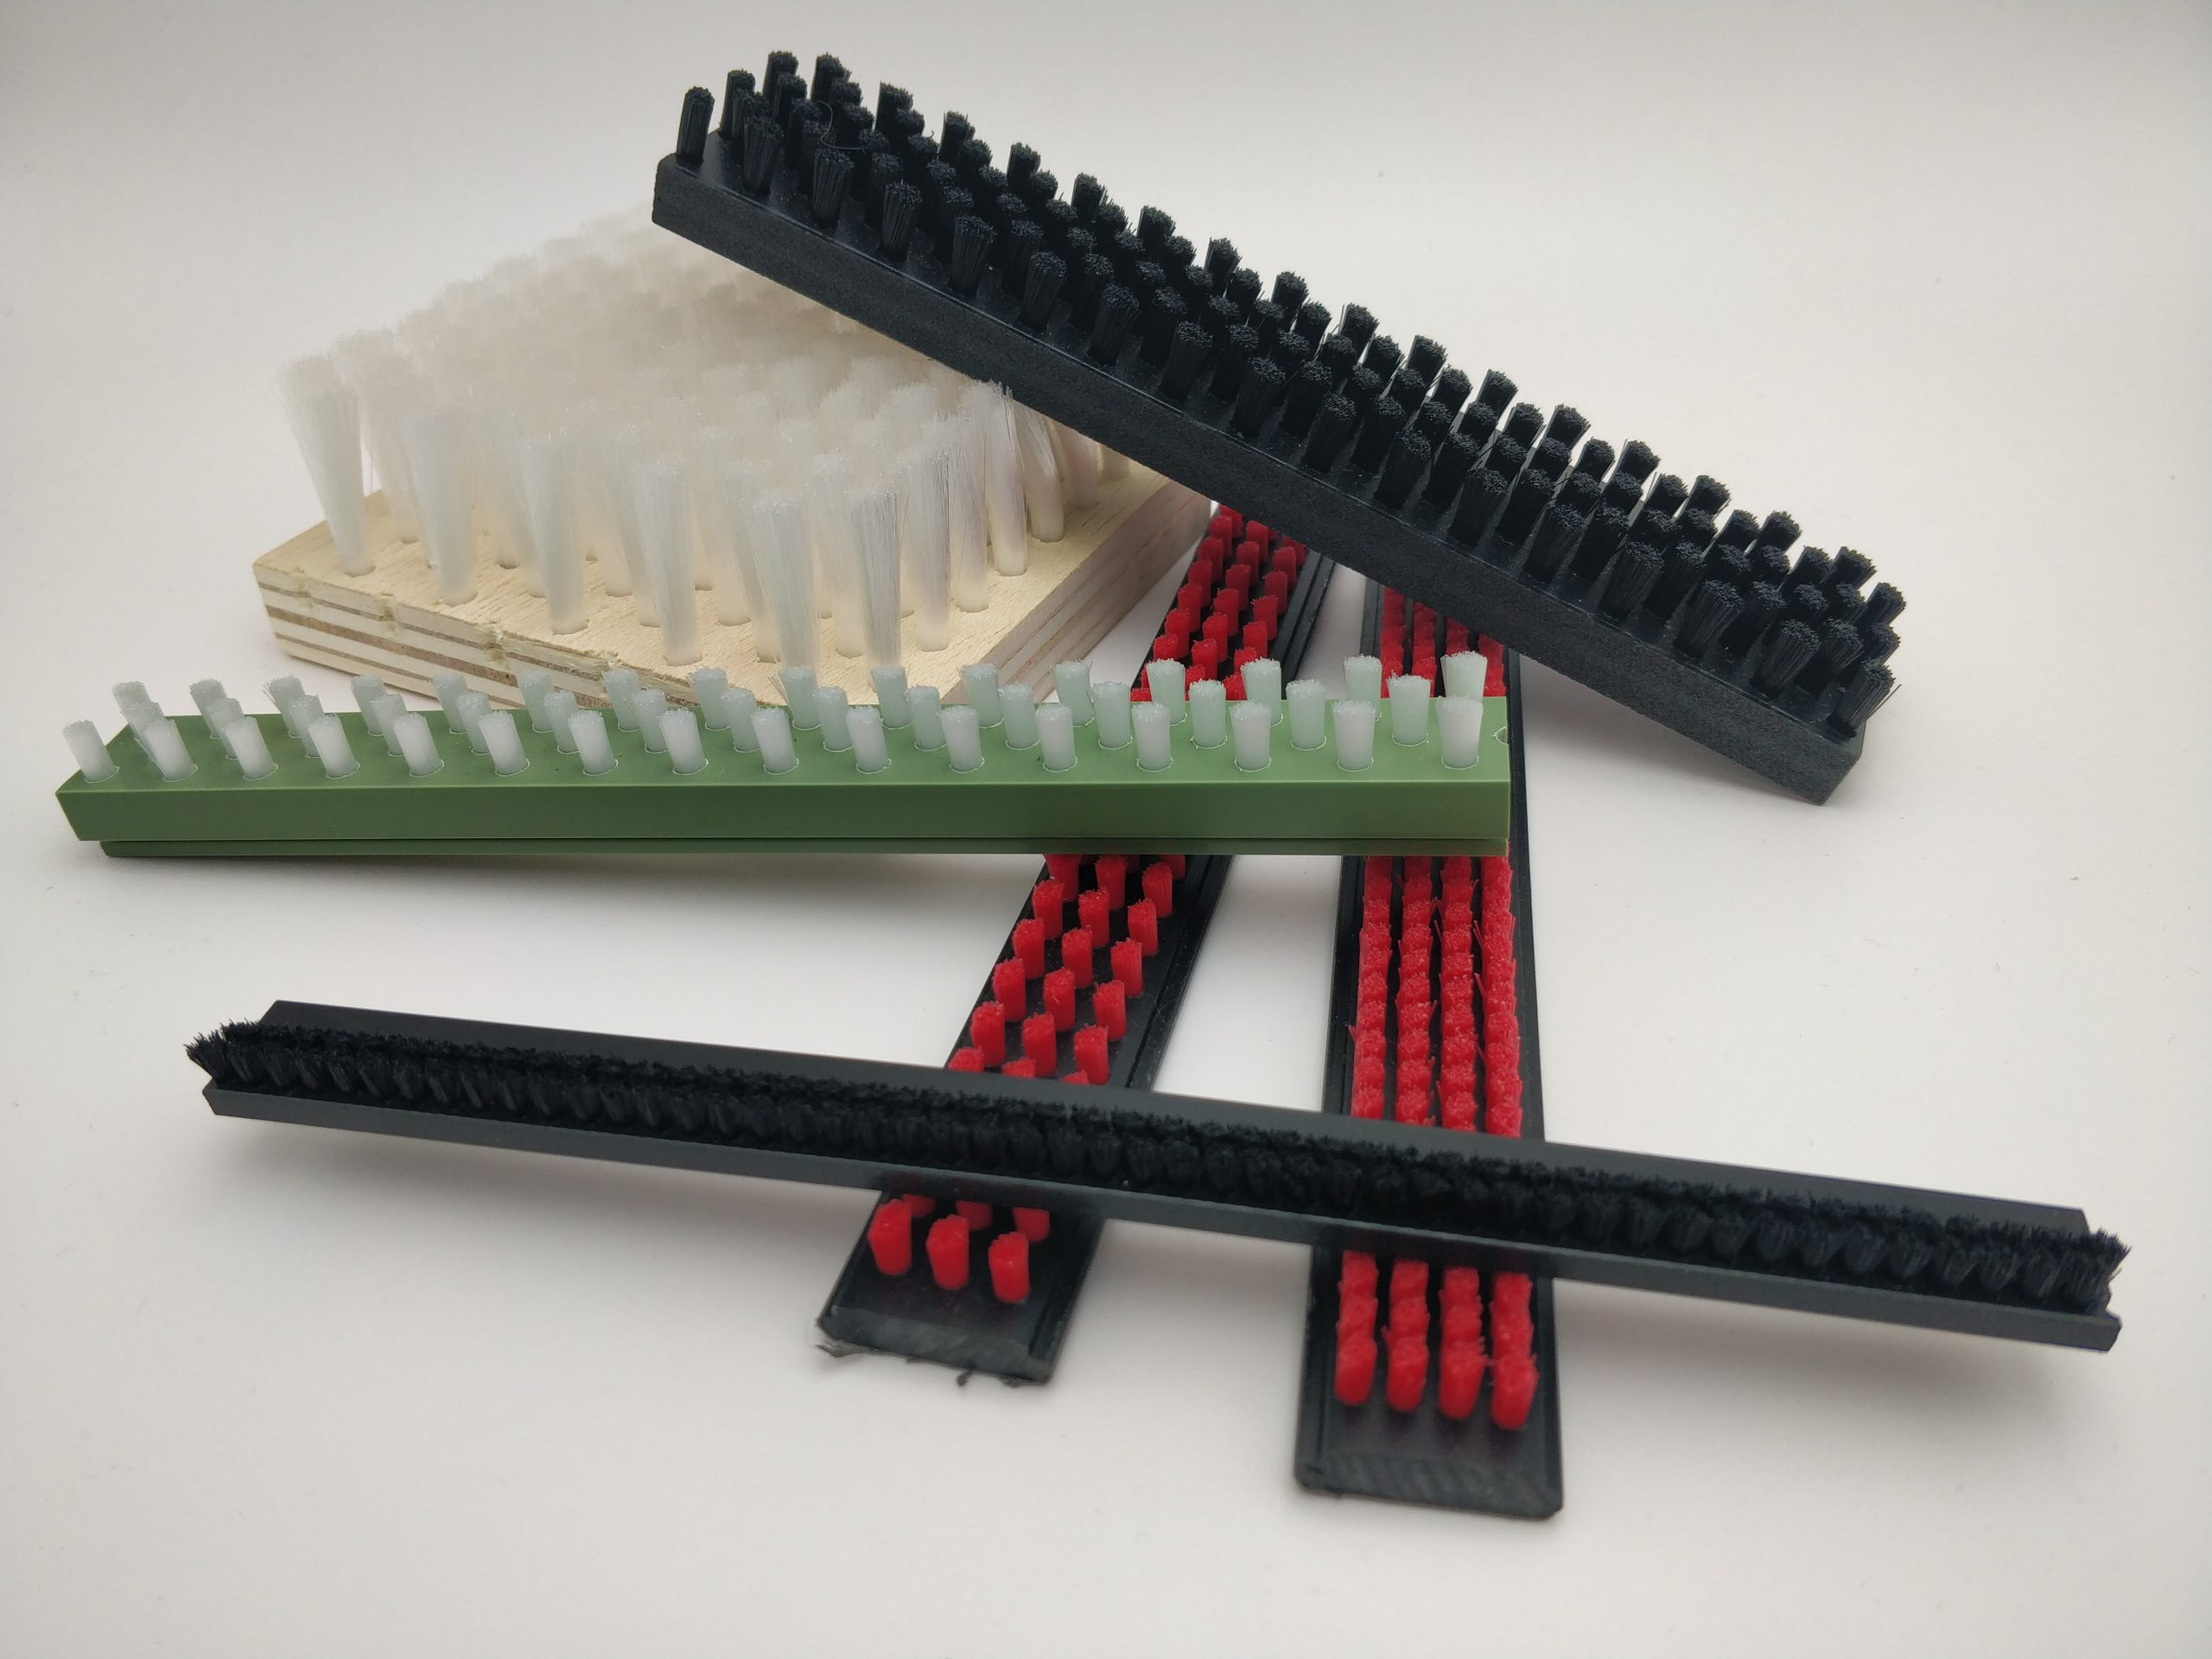 cepillos para proteger superficies de trabajo